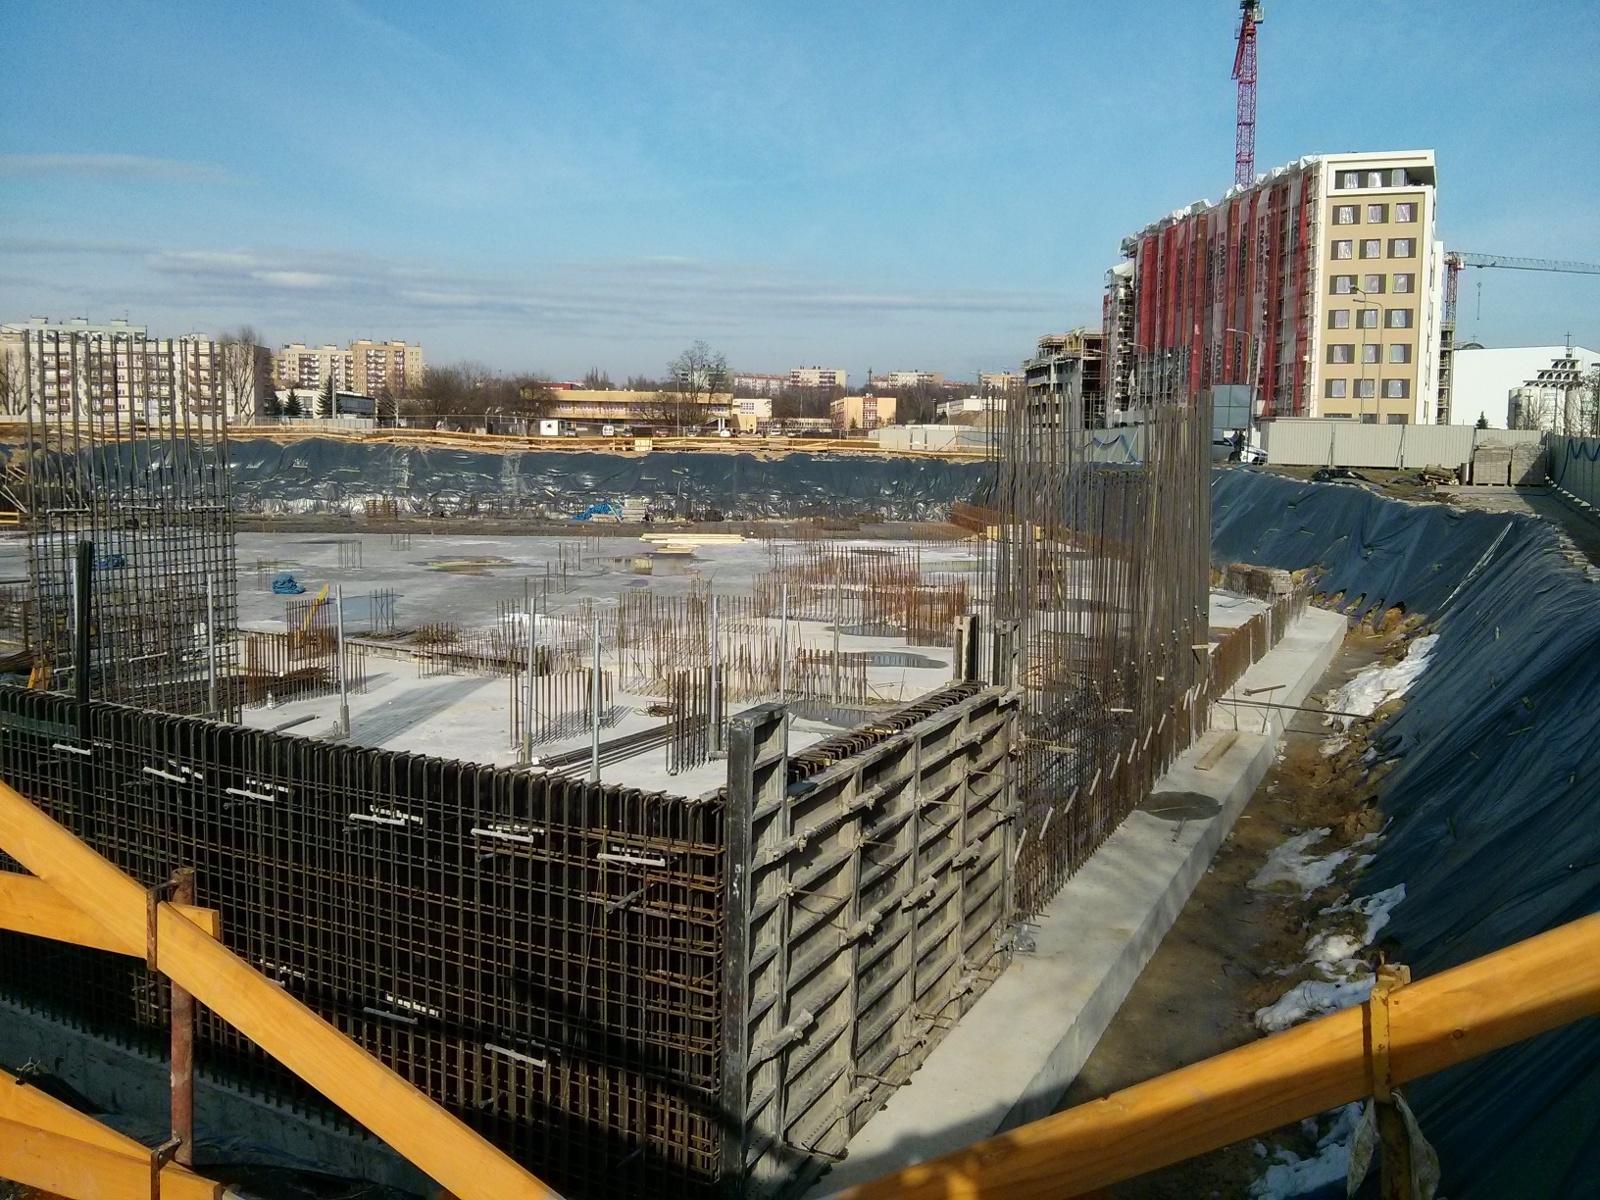 Budimex buduje osiedle Avia 5 w Krakowie